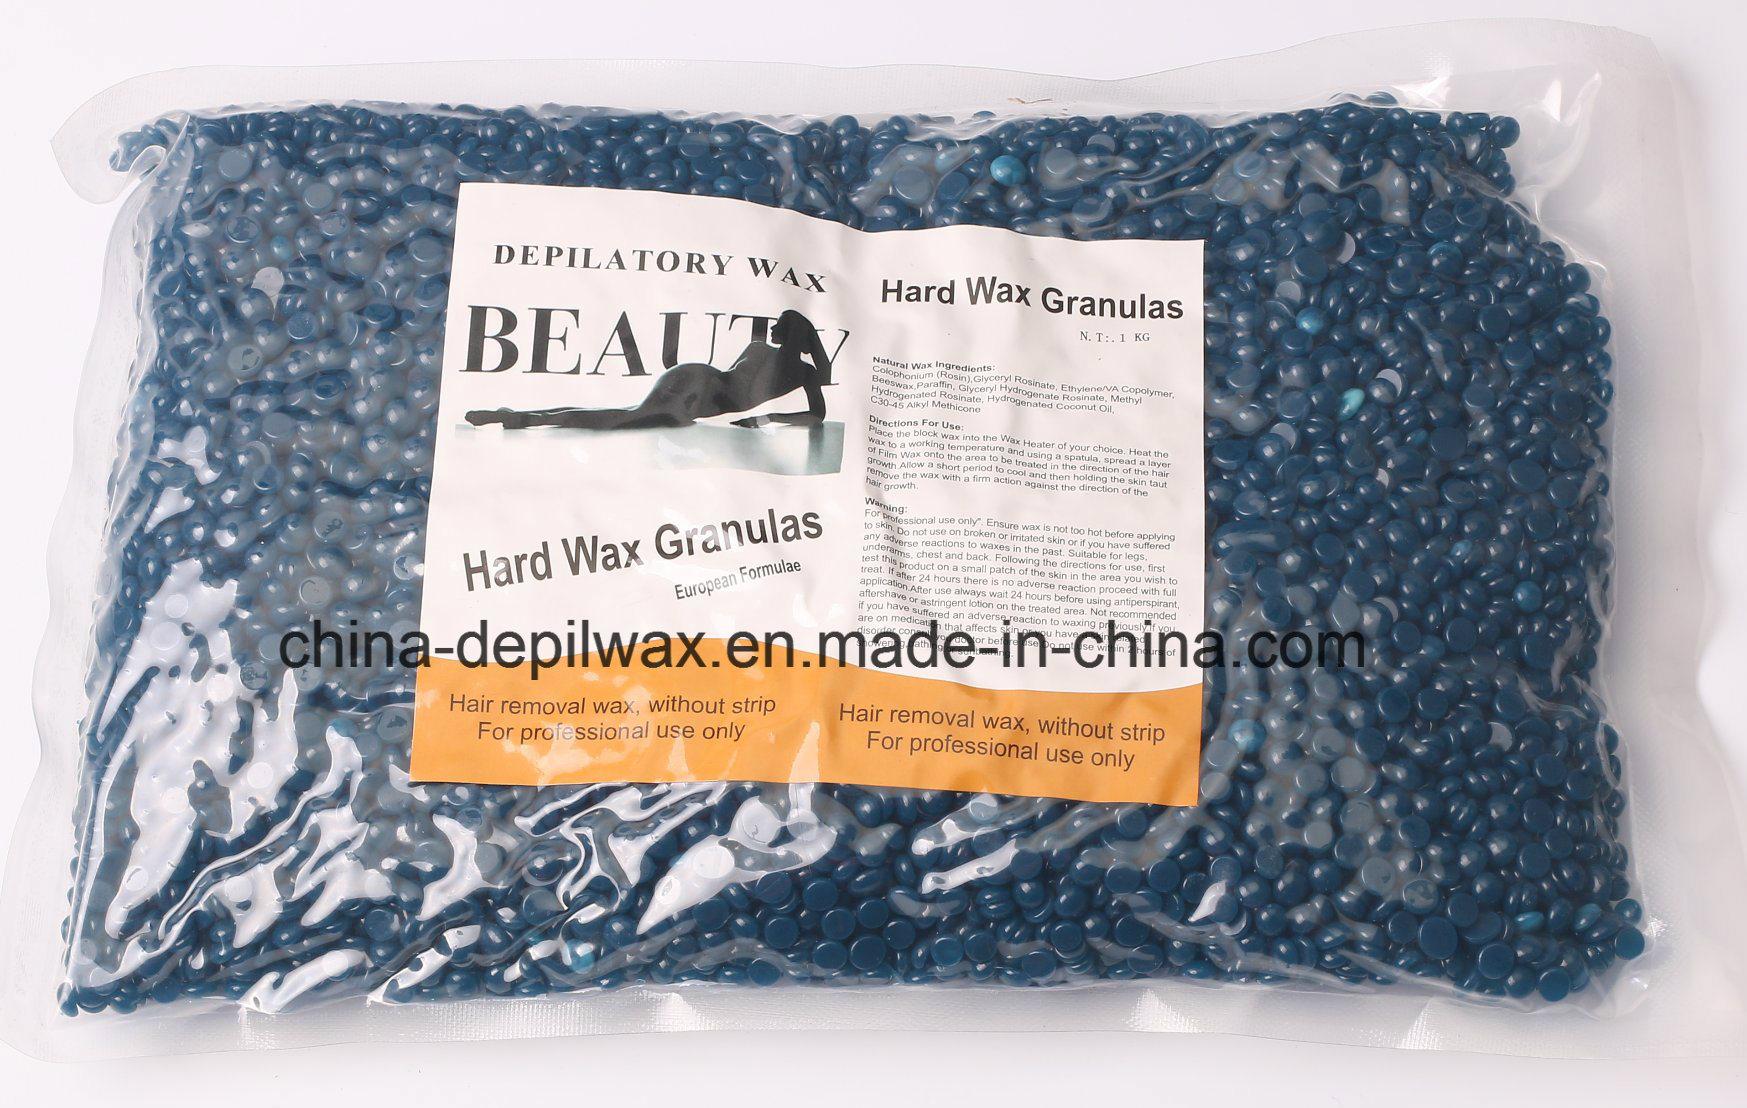 Brazilian Hard Wax Pellets Depilatory Wax for Bikini Waxing